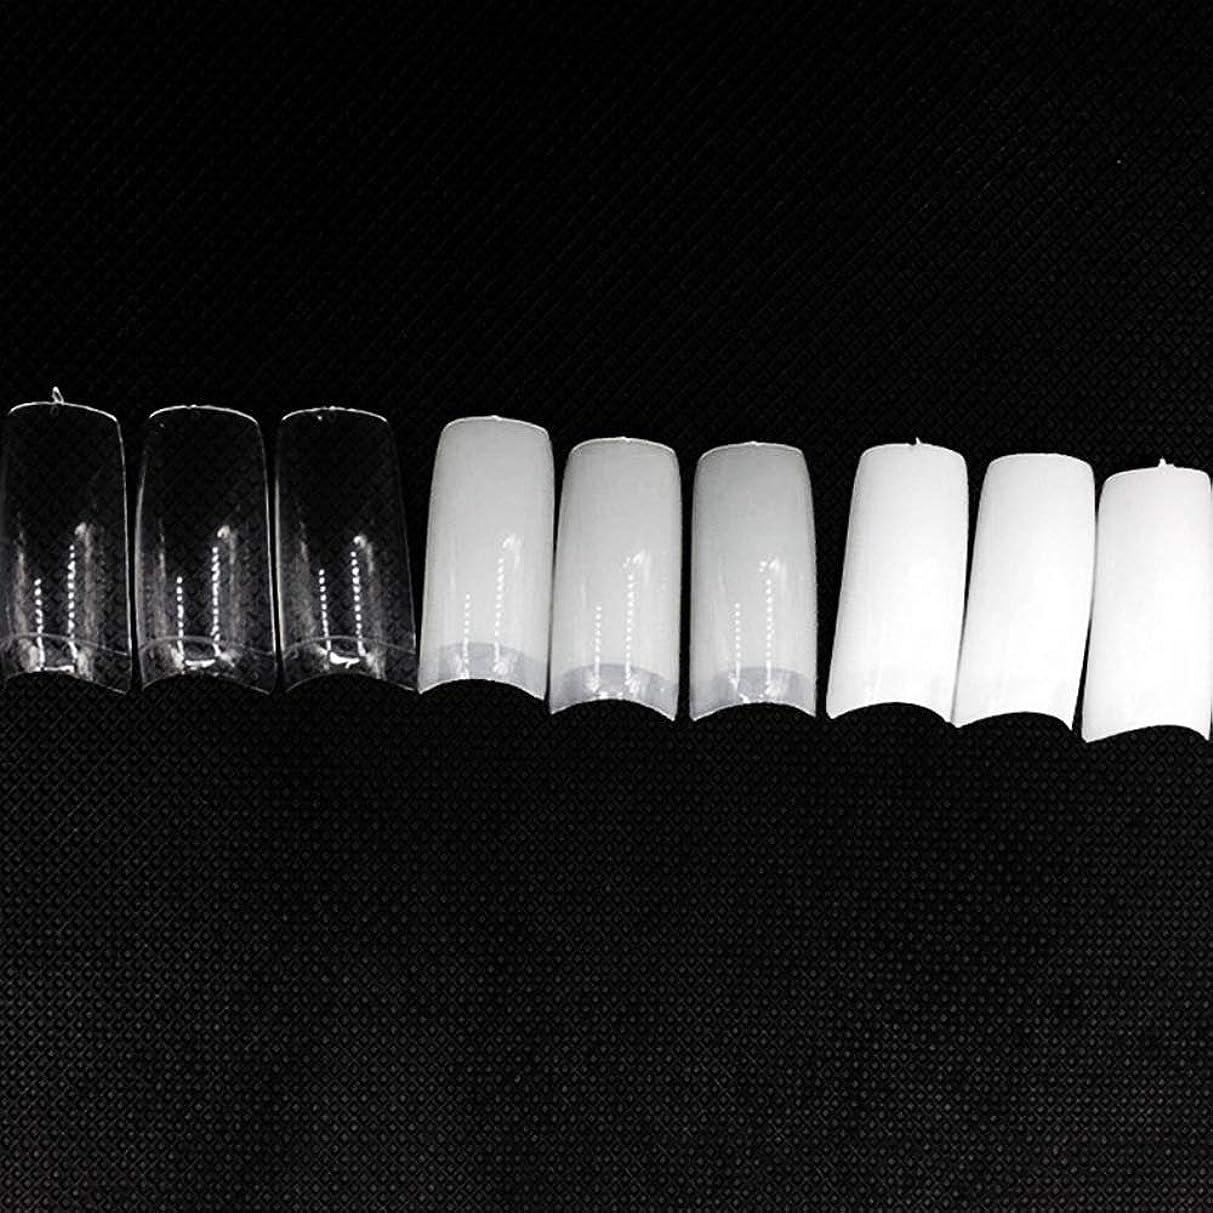 詩平衡鬼ごっこネイルチップ つけ爪 偽爪 無地 ロング オーバル 10サイズ デコレーション フルチップ シンプル DIY デザイン 500個/セット Moomai